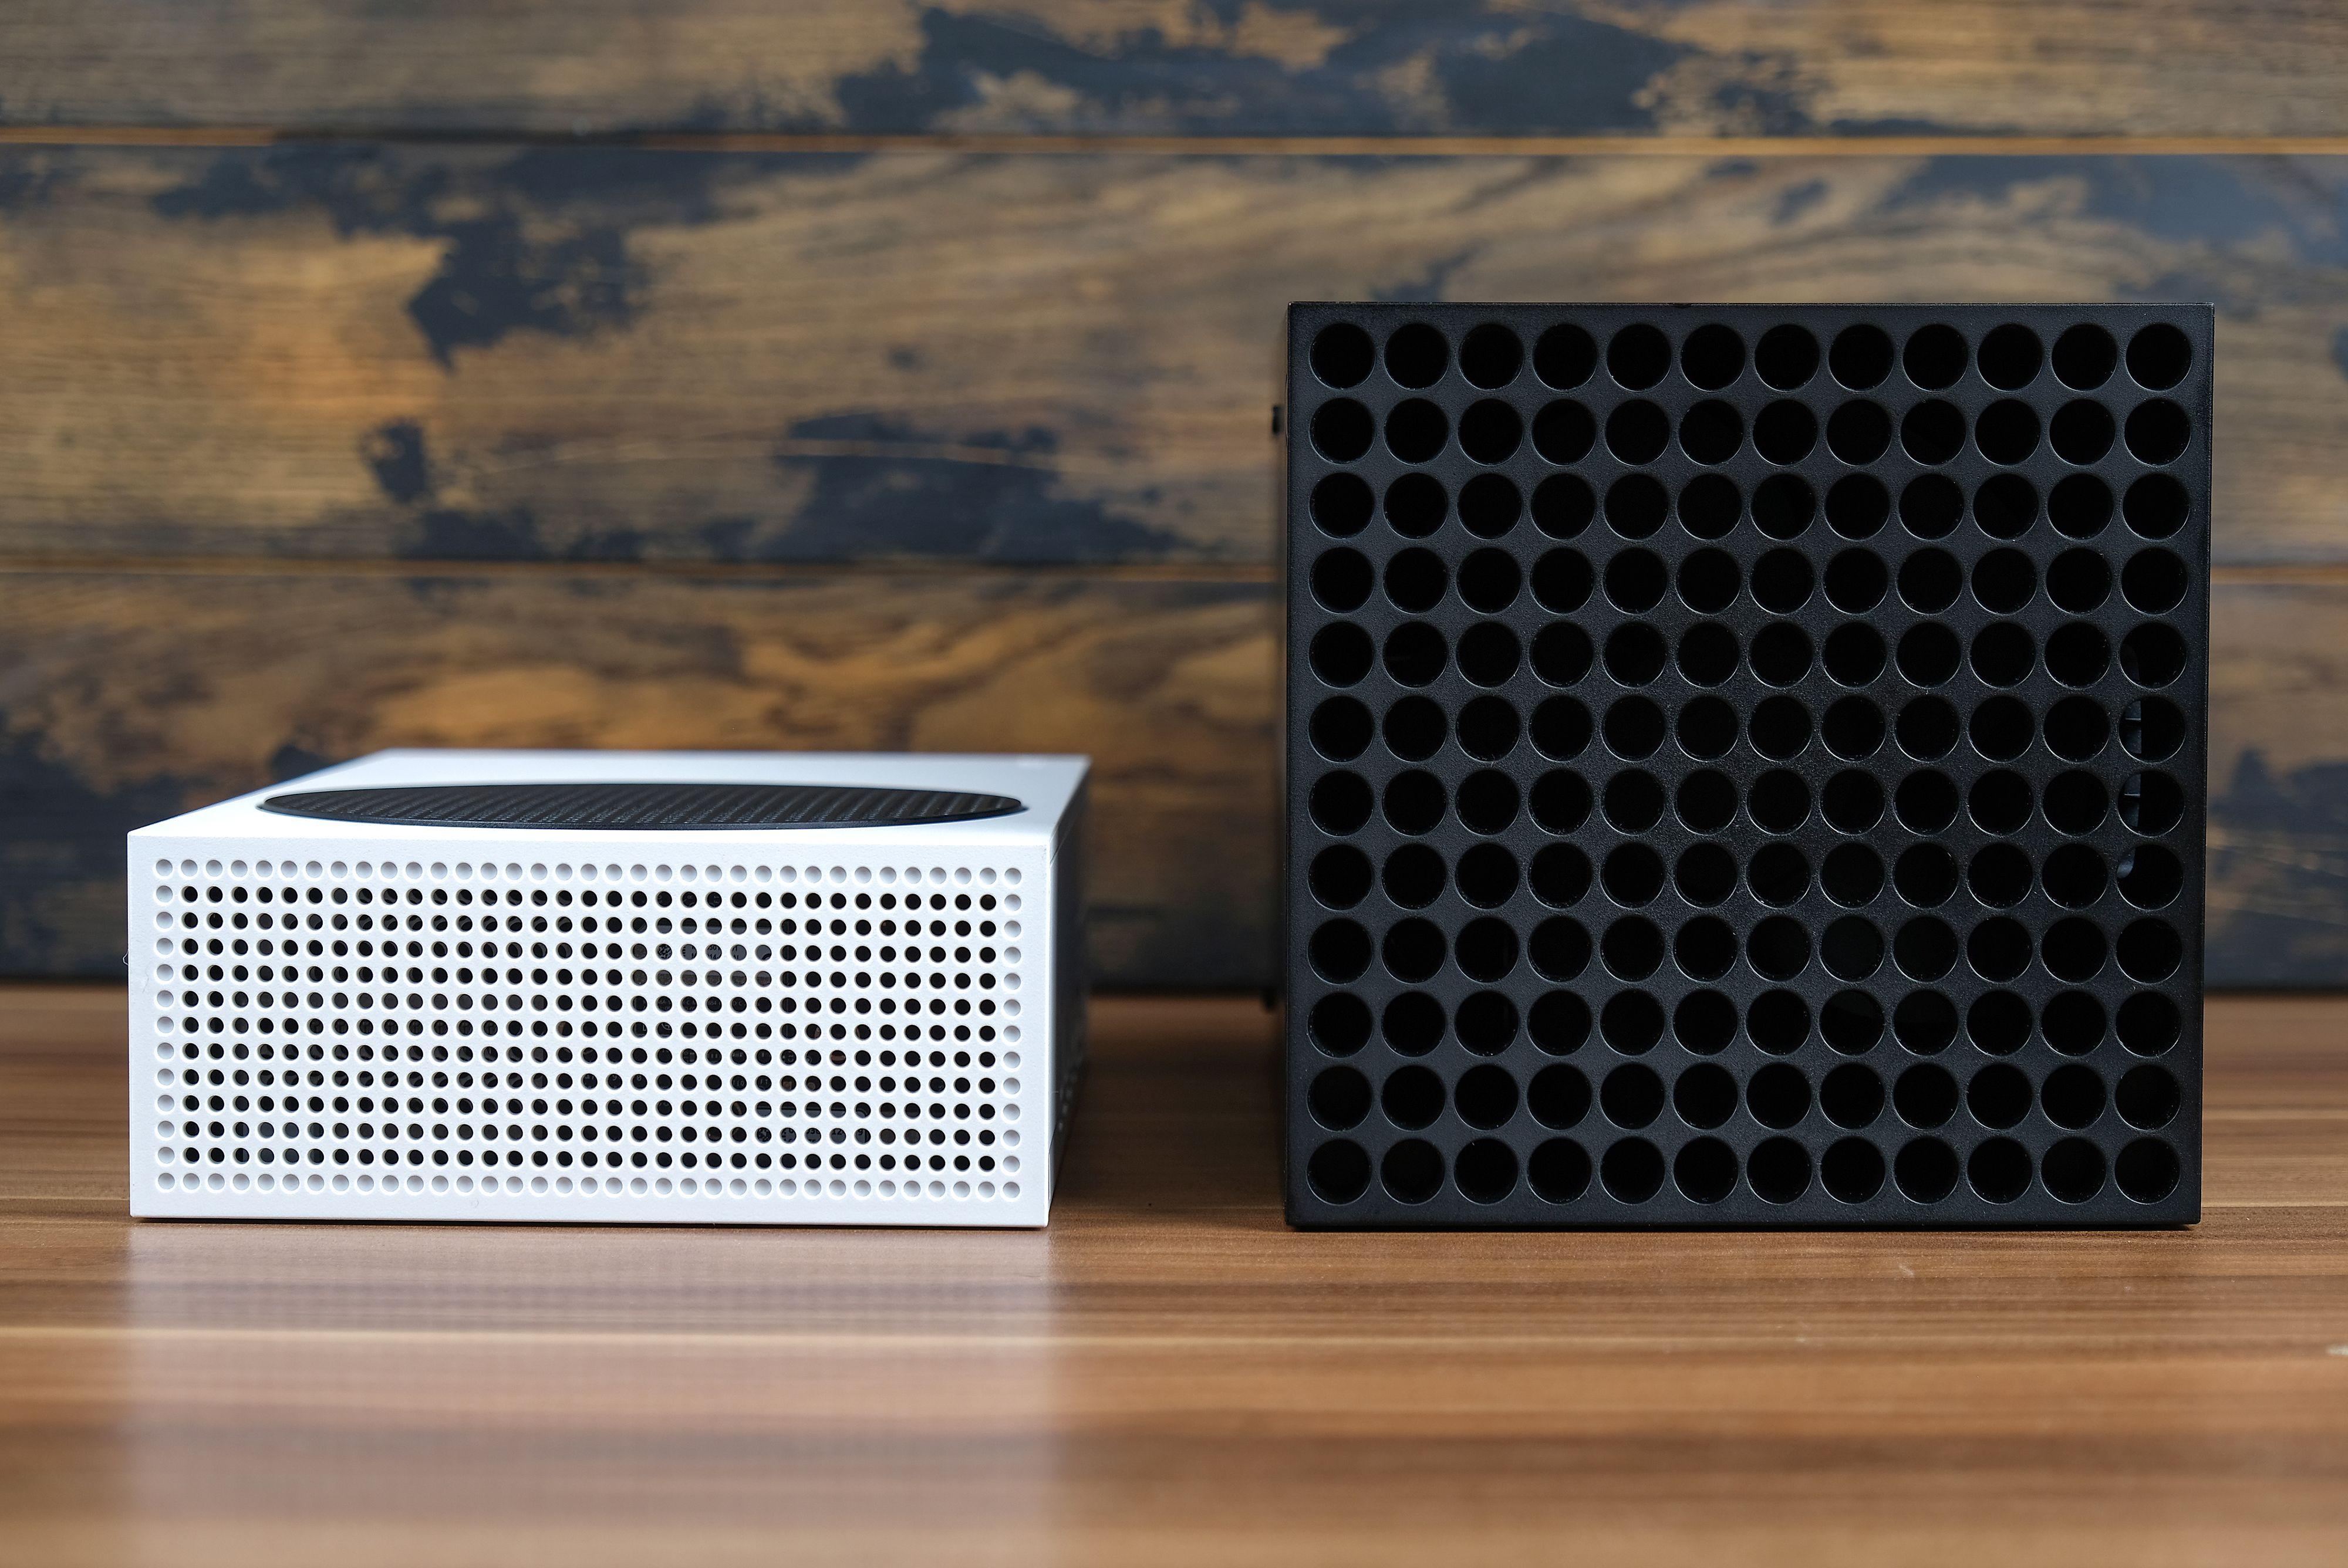 Konsole Xbox S oraz Xbox X (fot. ESOlex / Shutterstock.com)